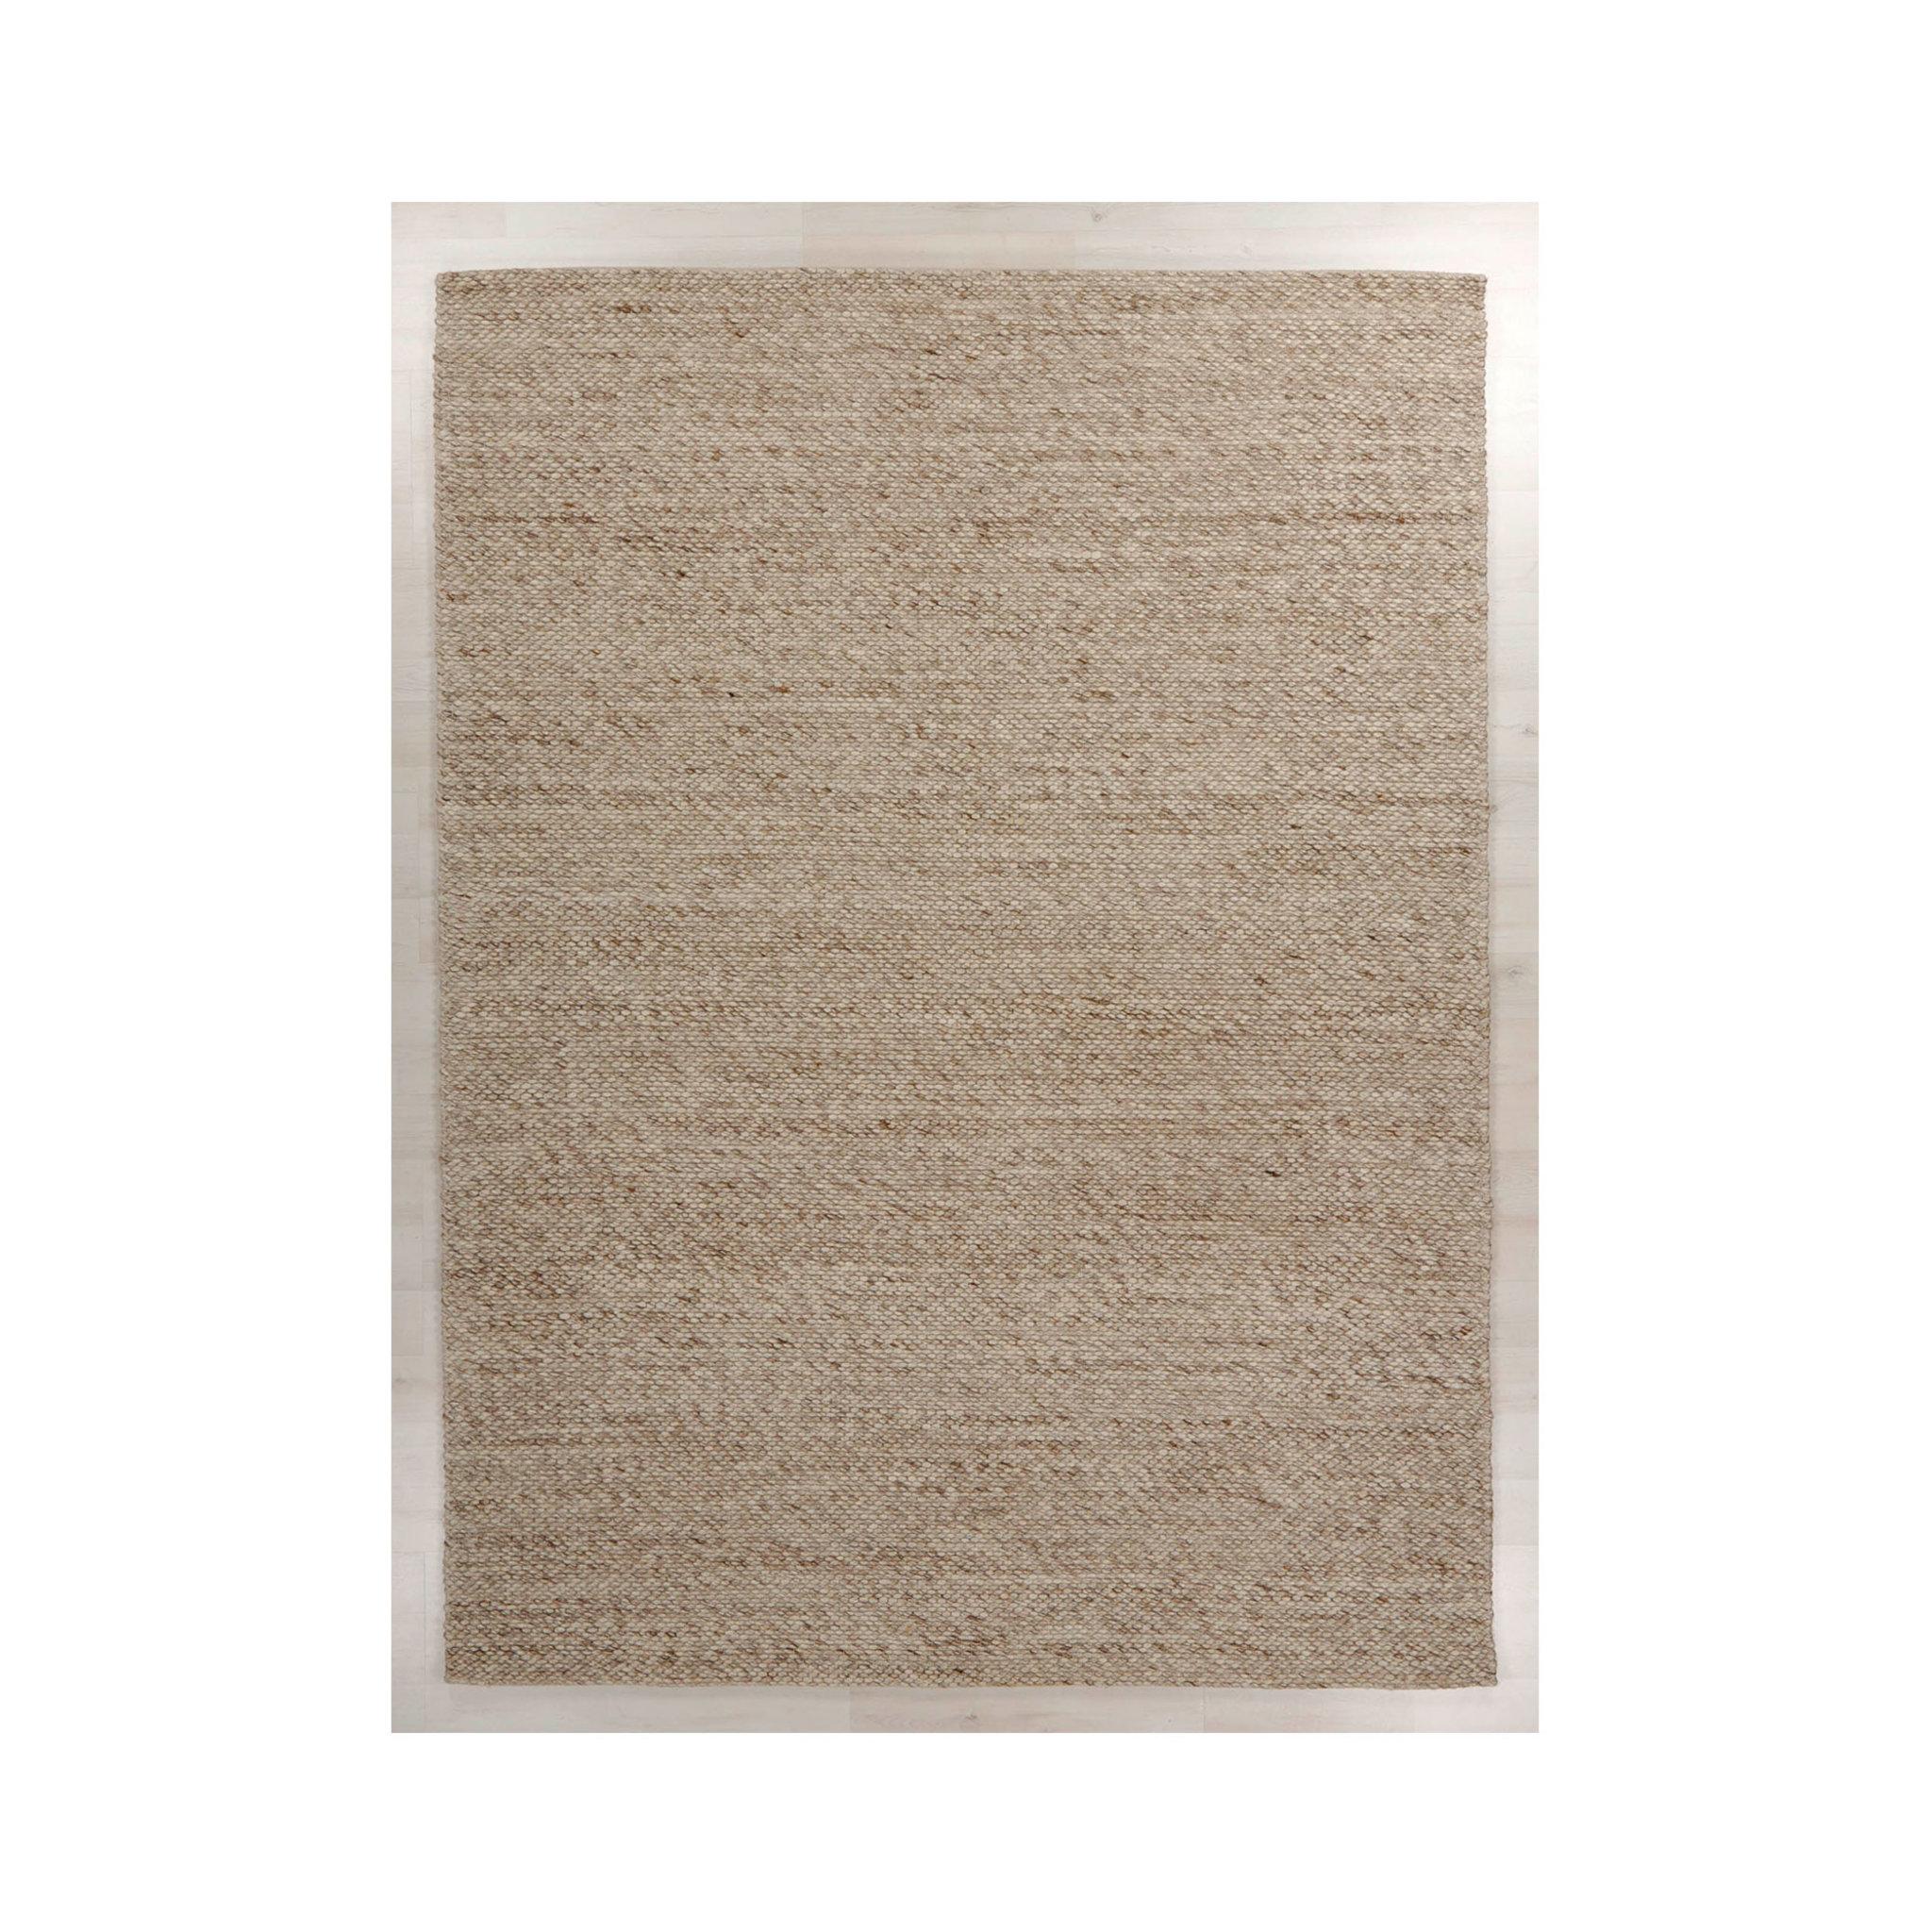 Mattor - Textil - Köp online på åhlens.se!